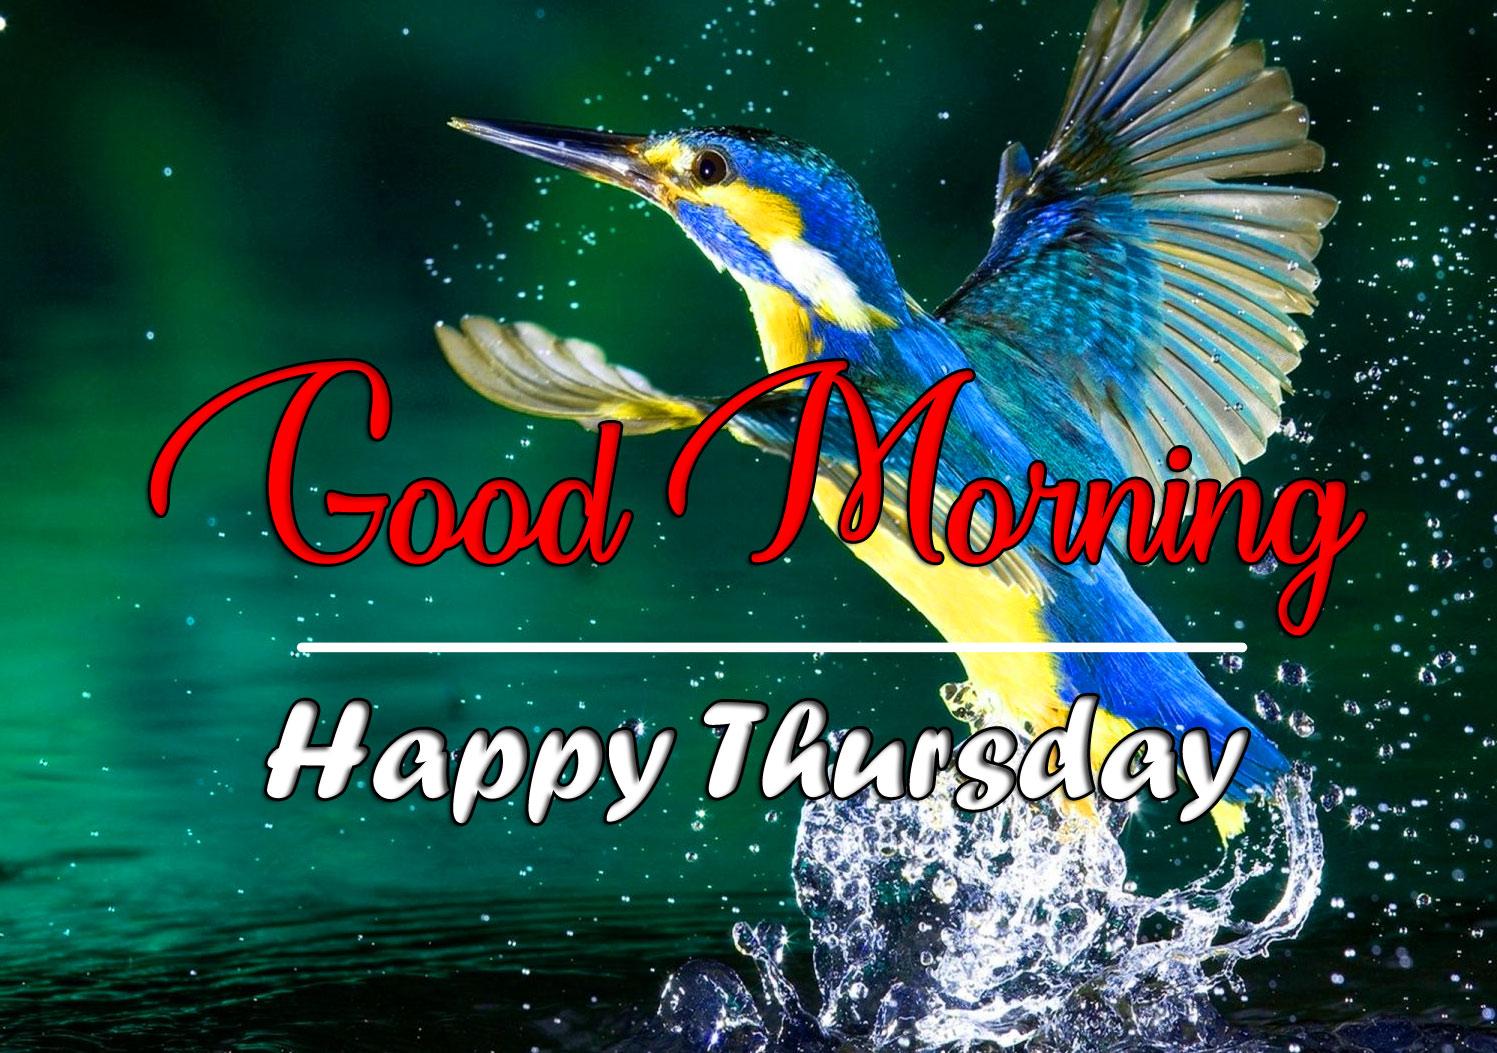 thursday morning Pics Wallpaper HD